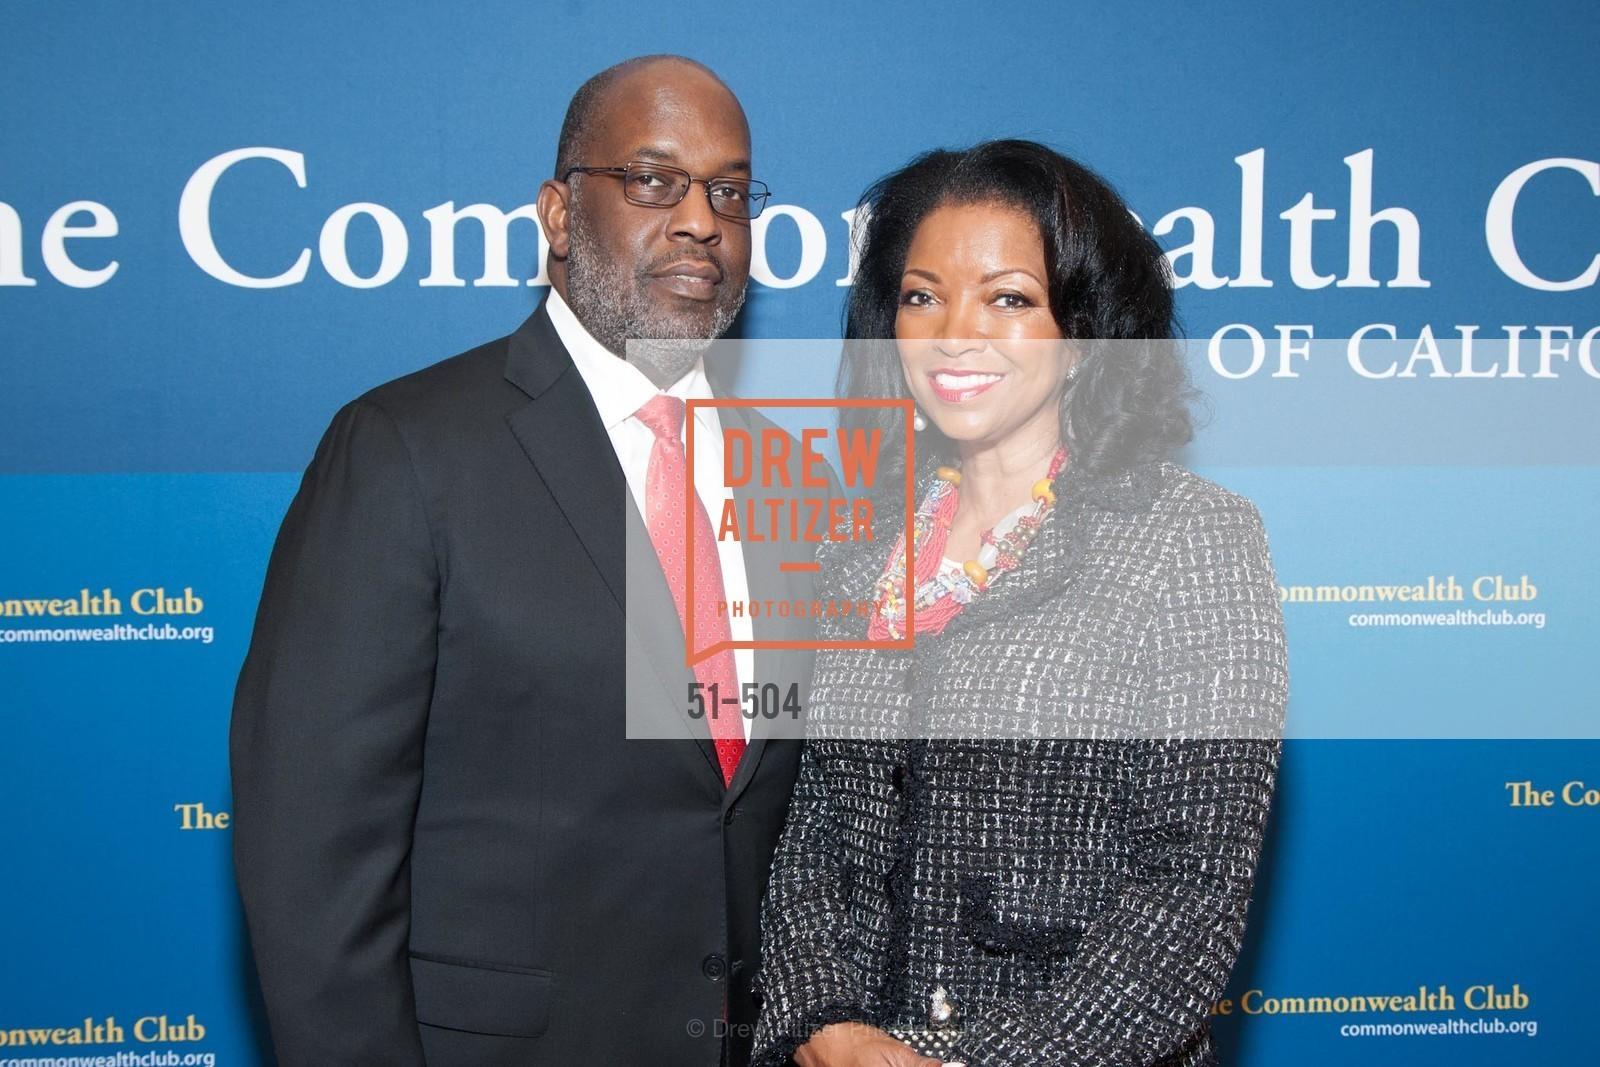 Bernard Tyson, Denise Bradley-Tyson, Photo #51-504